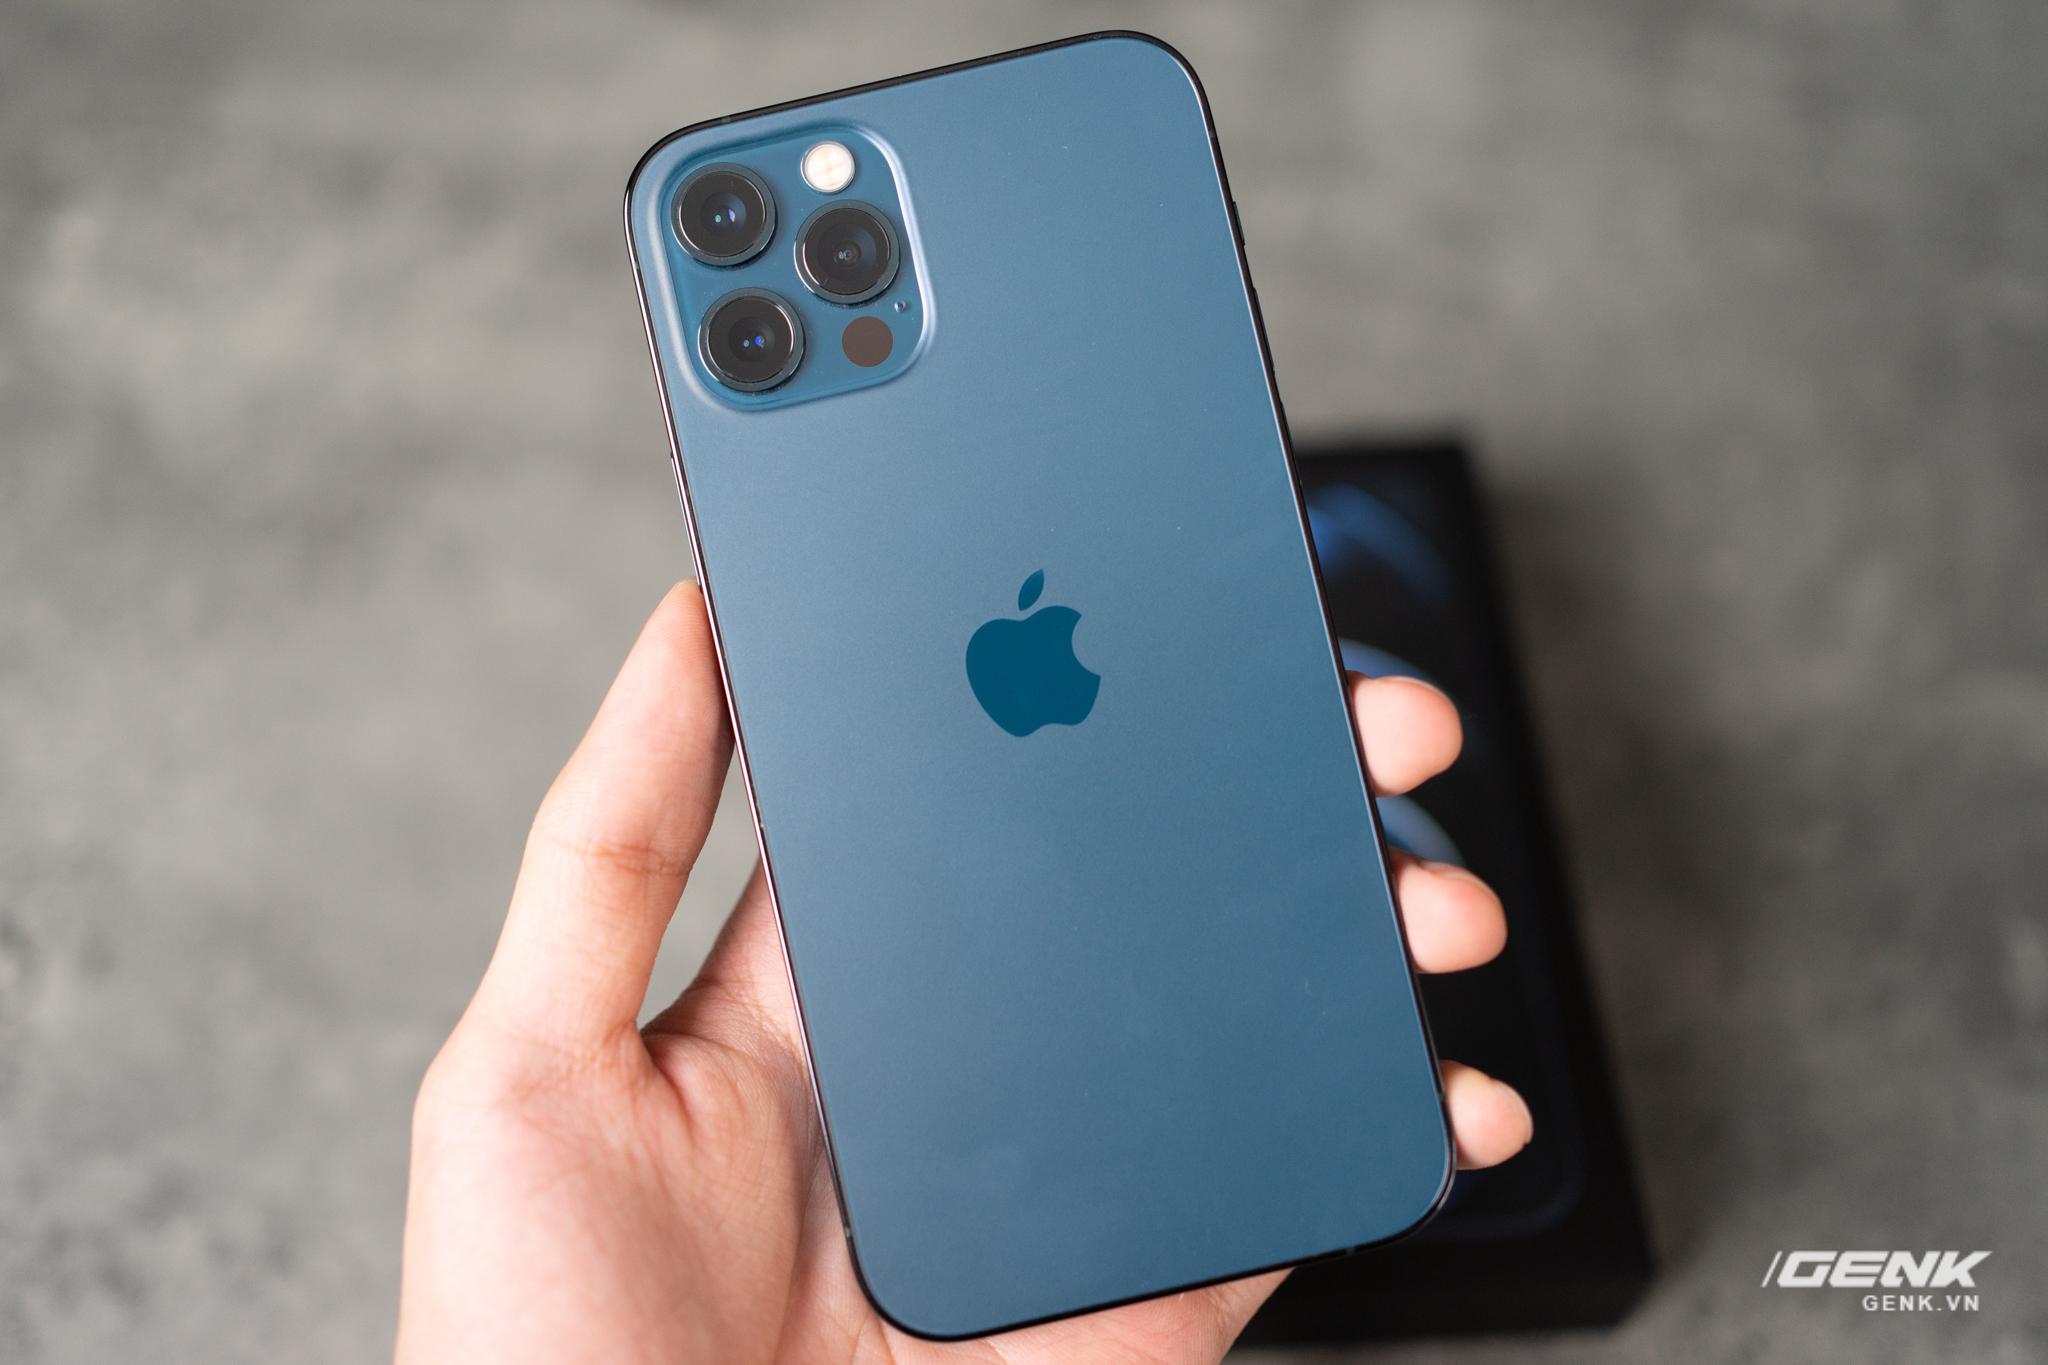 CEO Telegram chê iPhone 12 Pro lỗi thời, 'chẳng khác gì iPhone 5 thêm cụm  camera xấu xí' - BAAO.VN